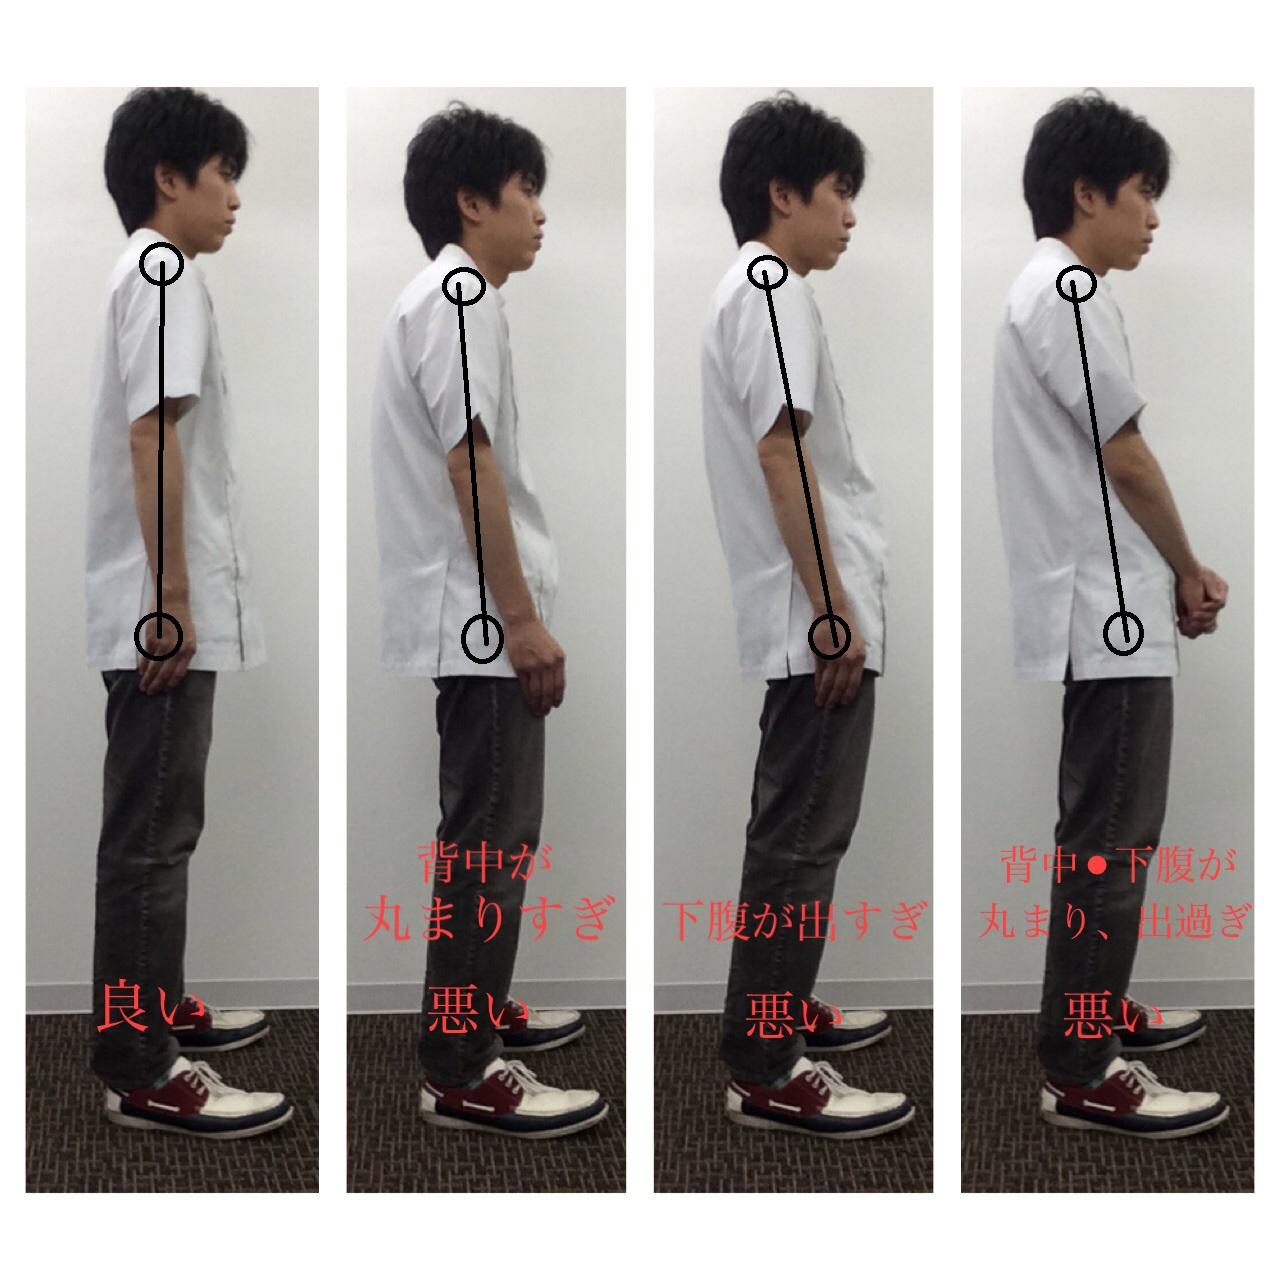 立位の姿勢状態